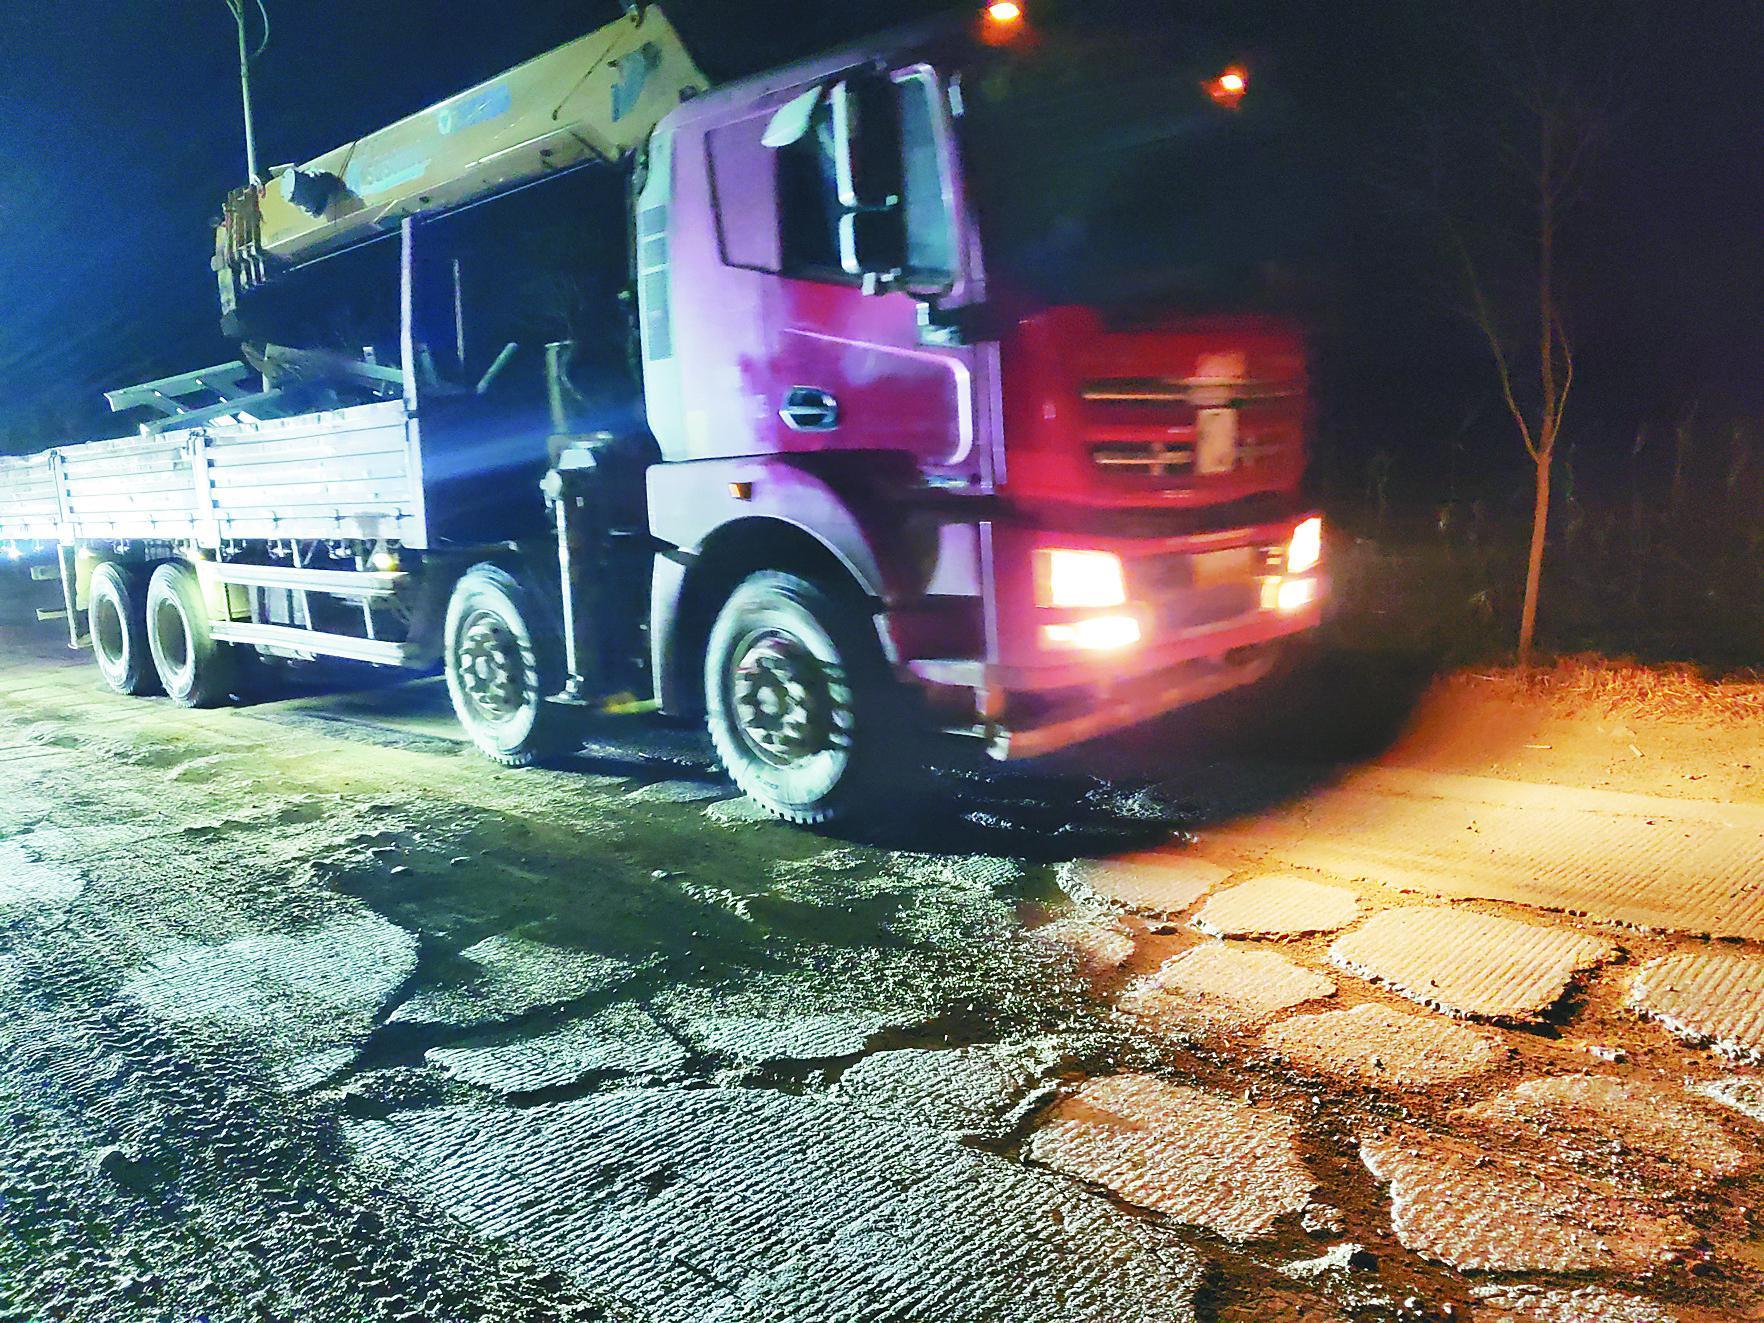 黑龙江多地段公路破损严重:路面坑洼龟裂成鱼鳞 周边群众盼维修